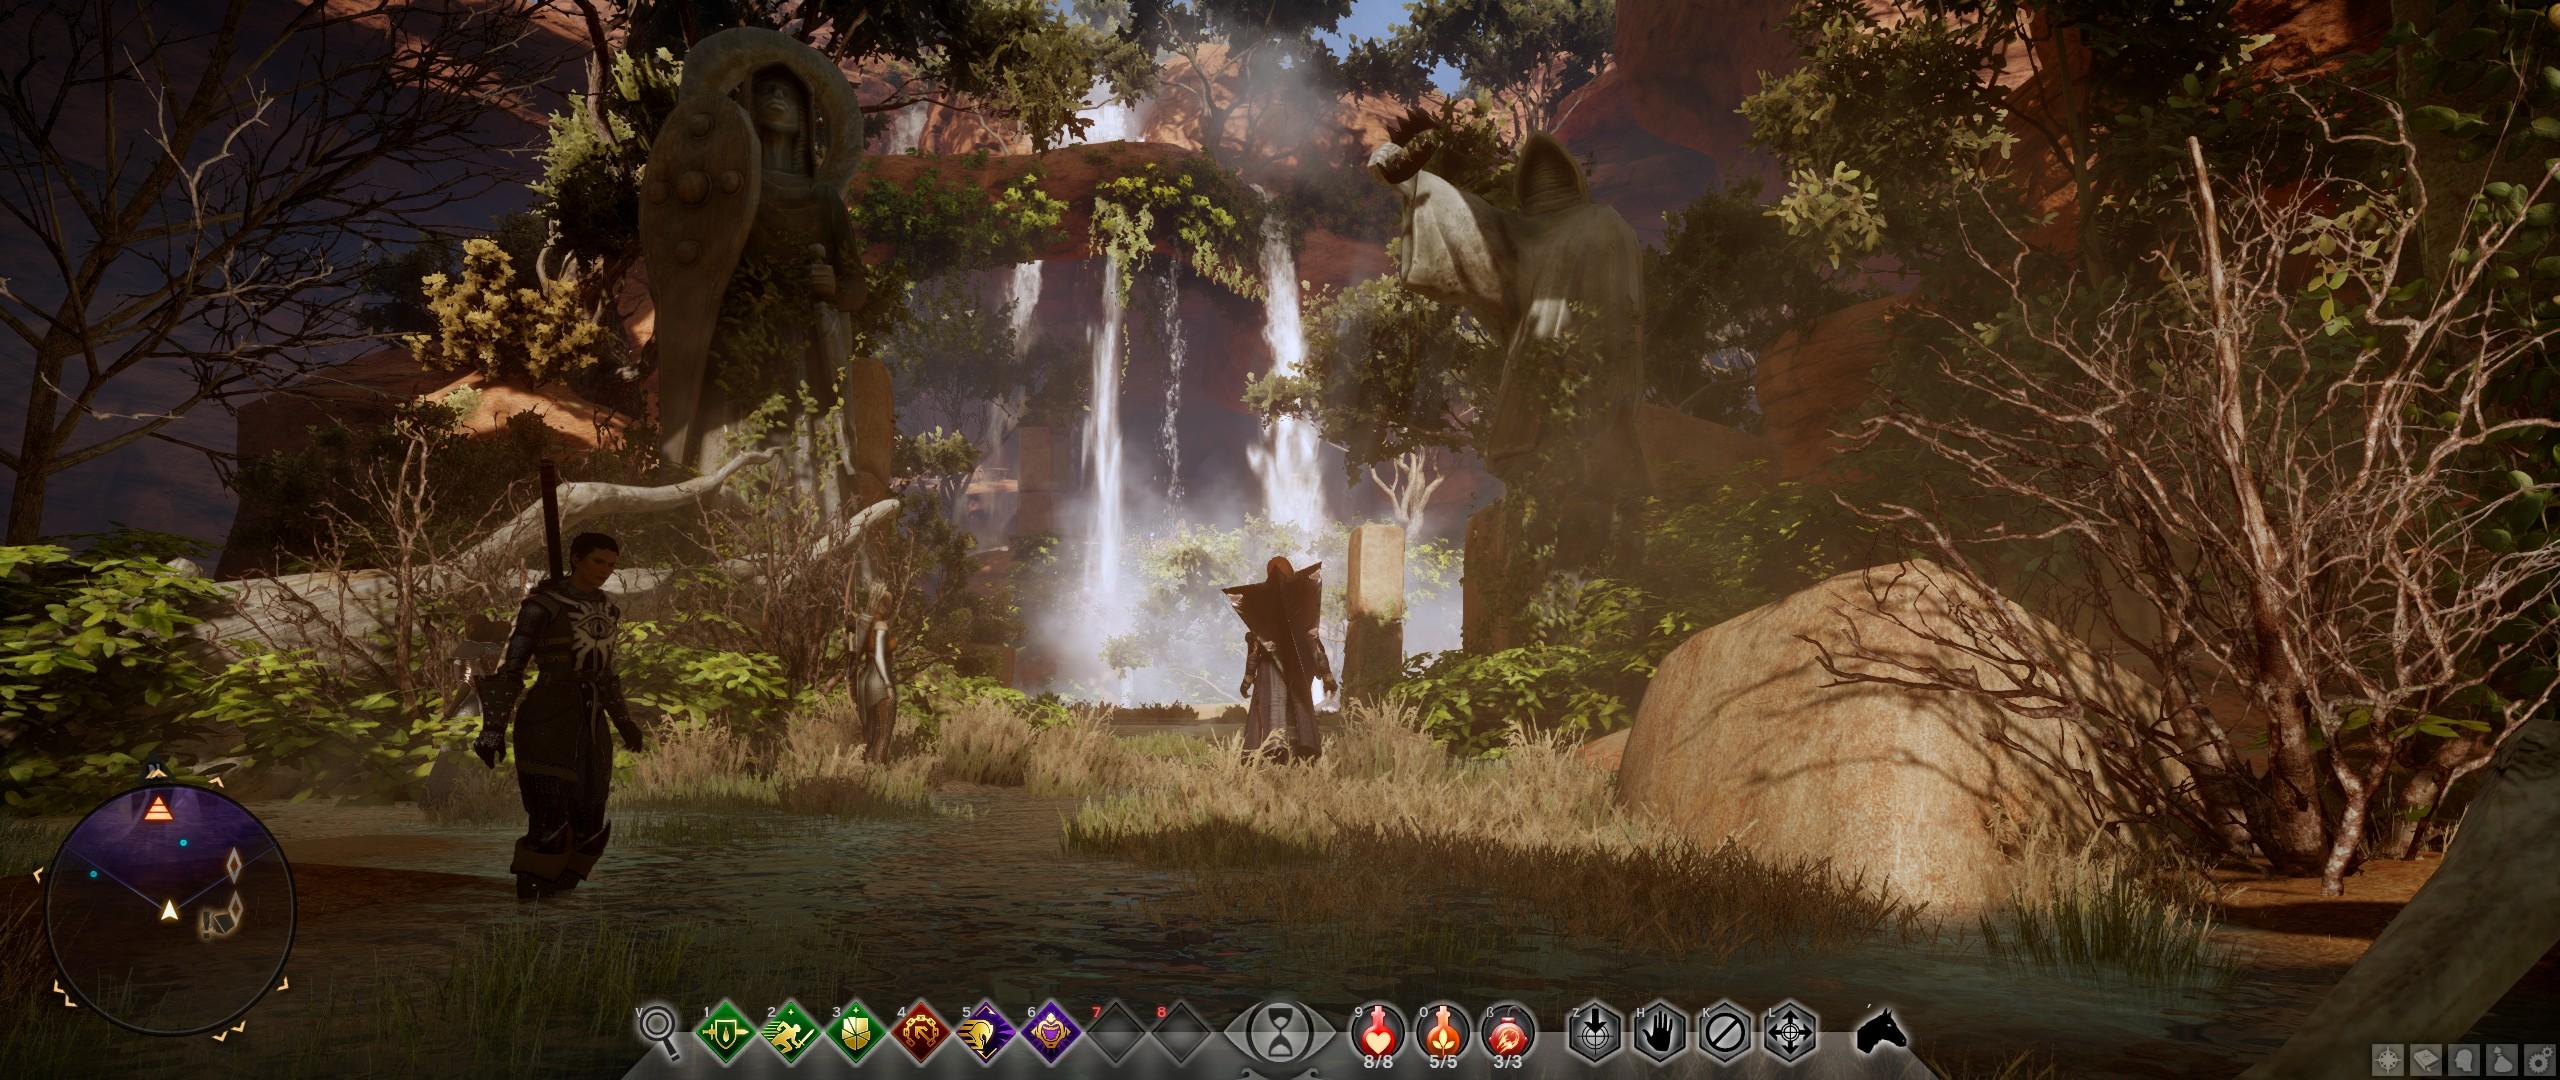 ScreenshotWin32_0036_Final